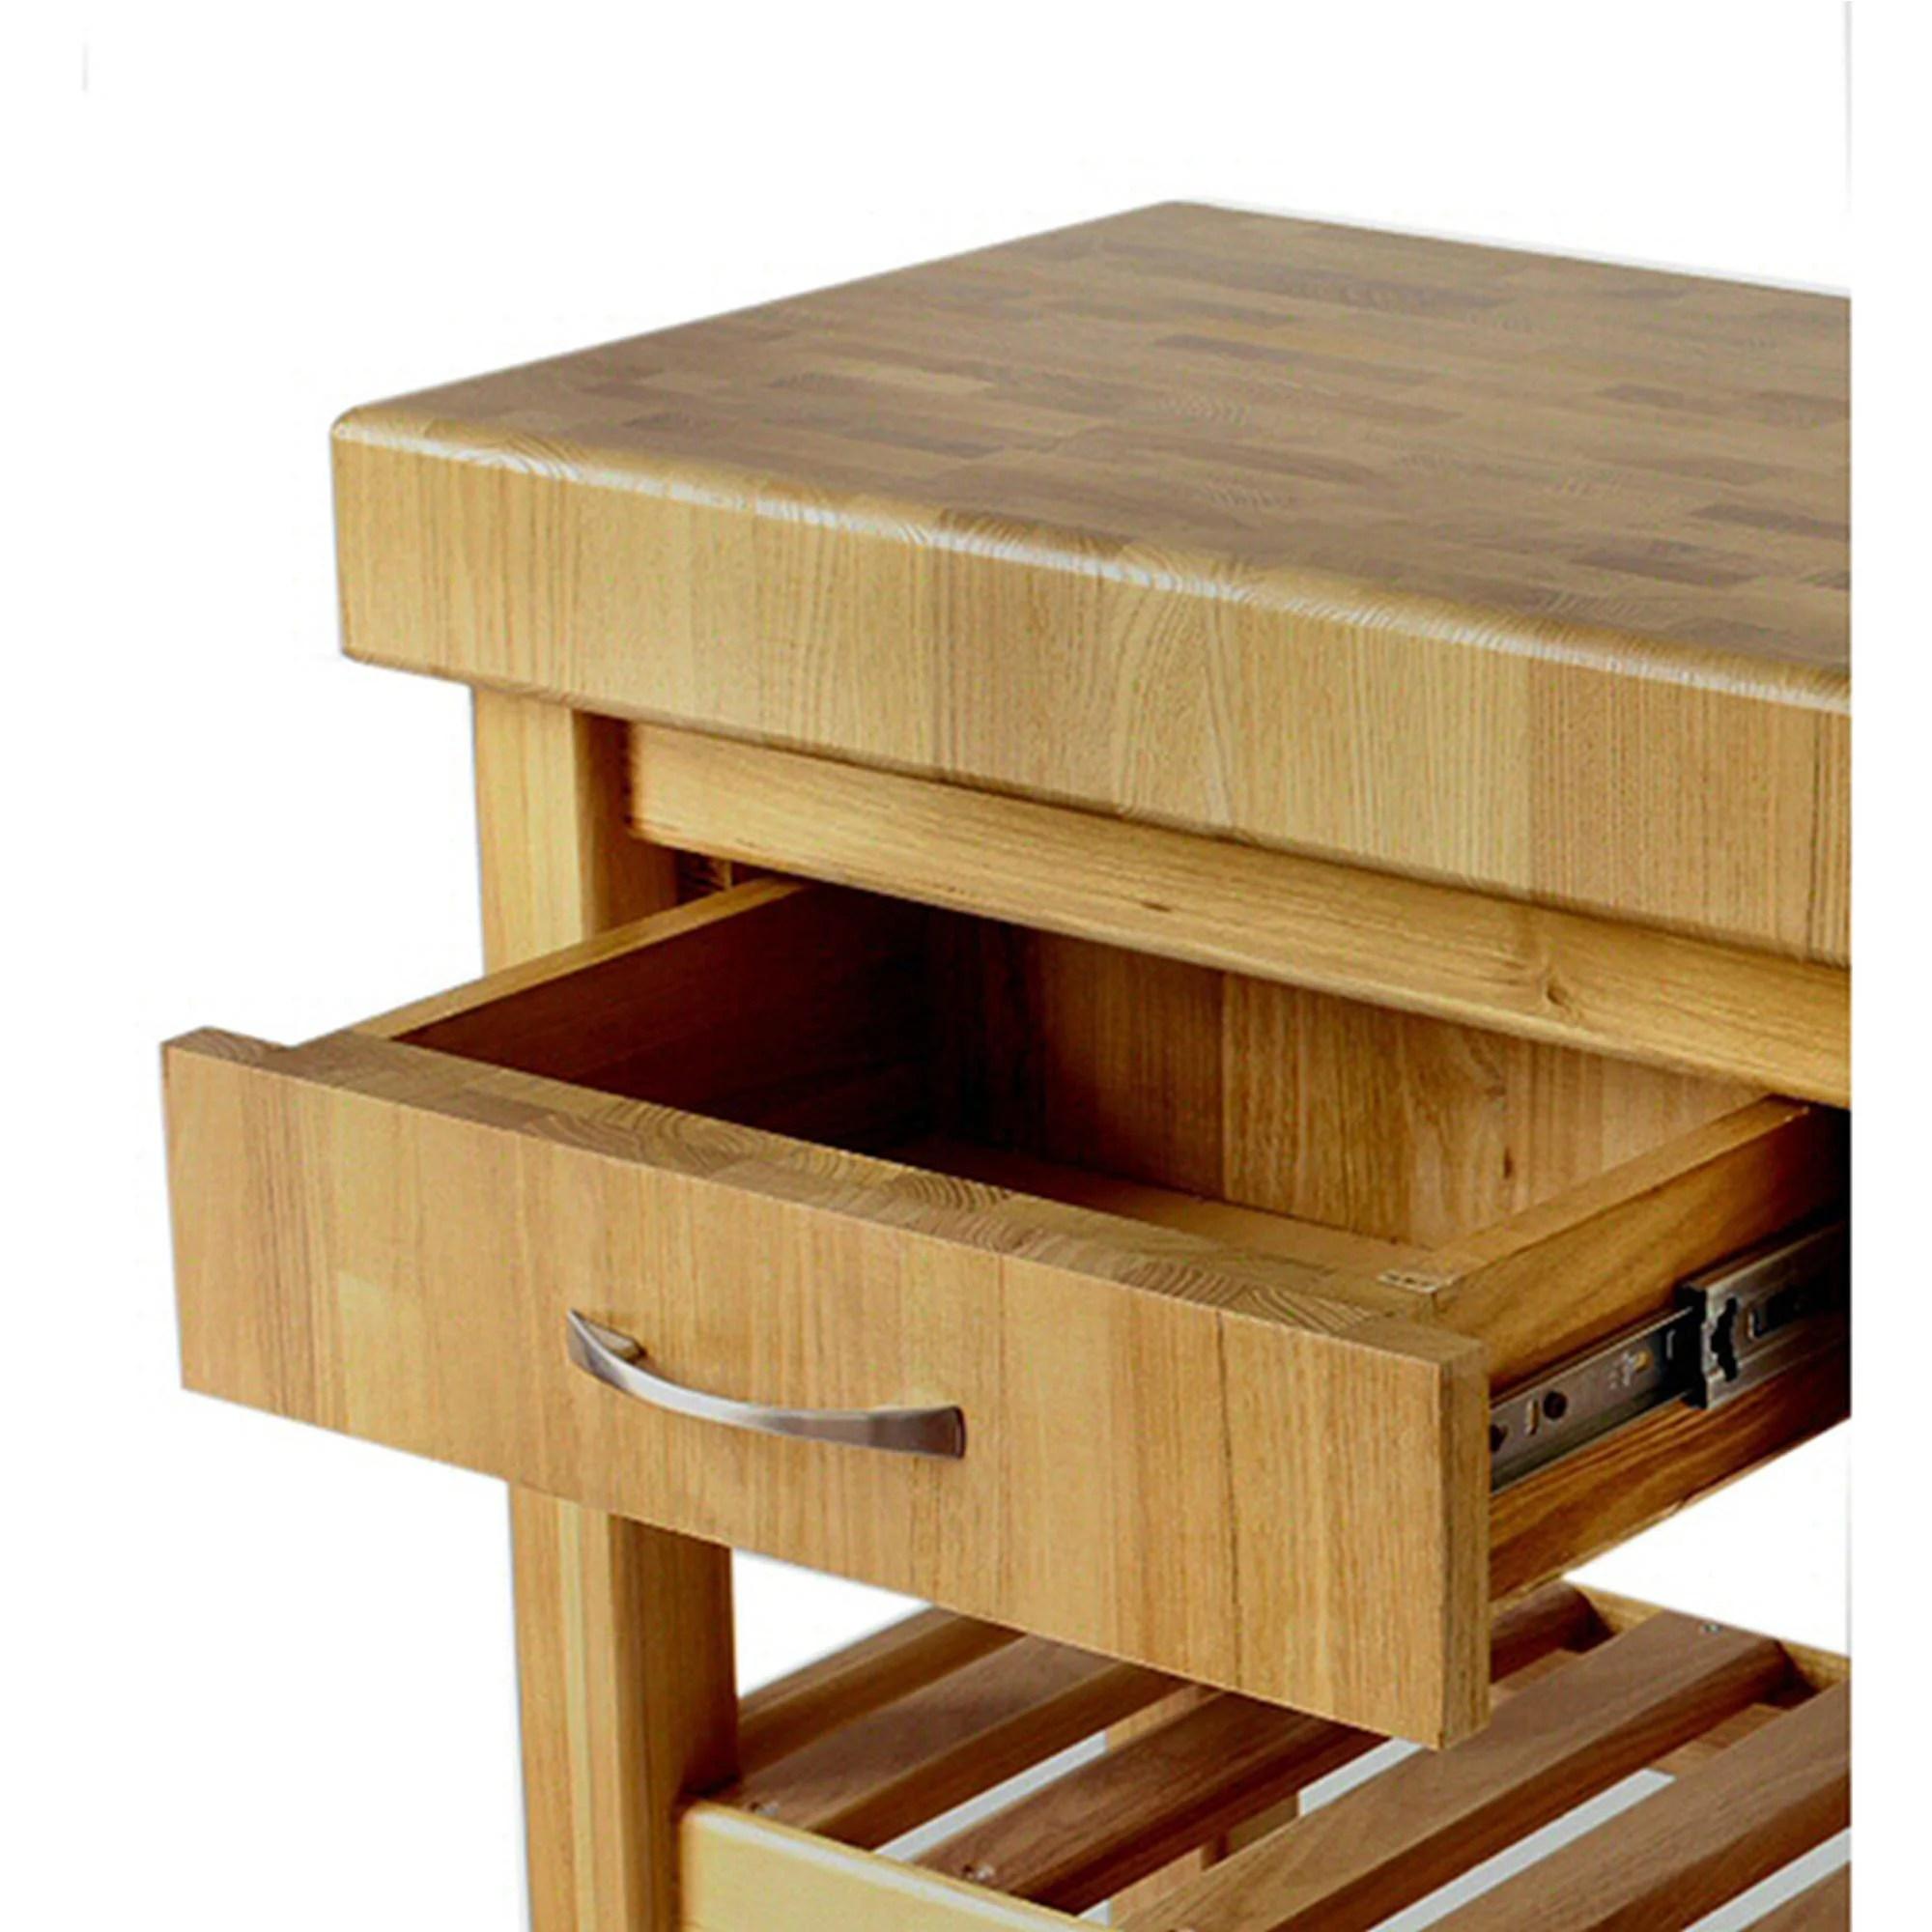 Carrello da cucina in legno massello con cassetto